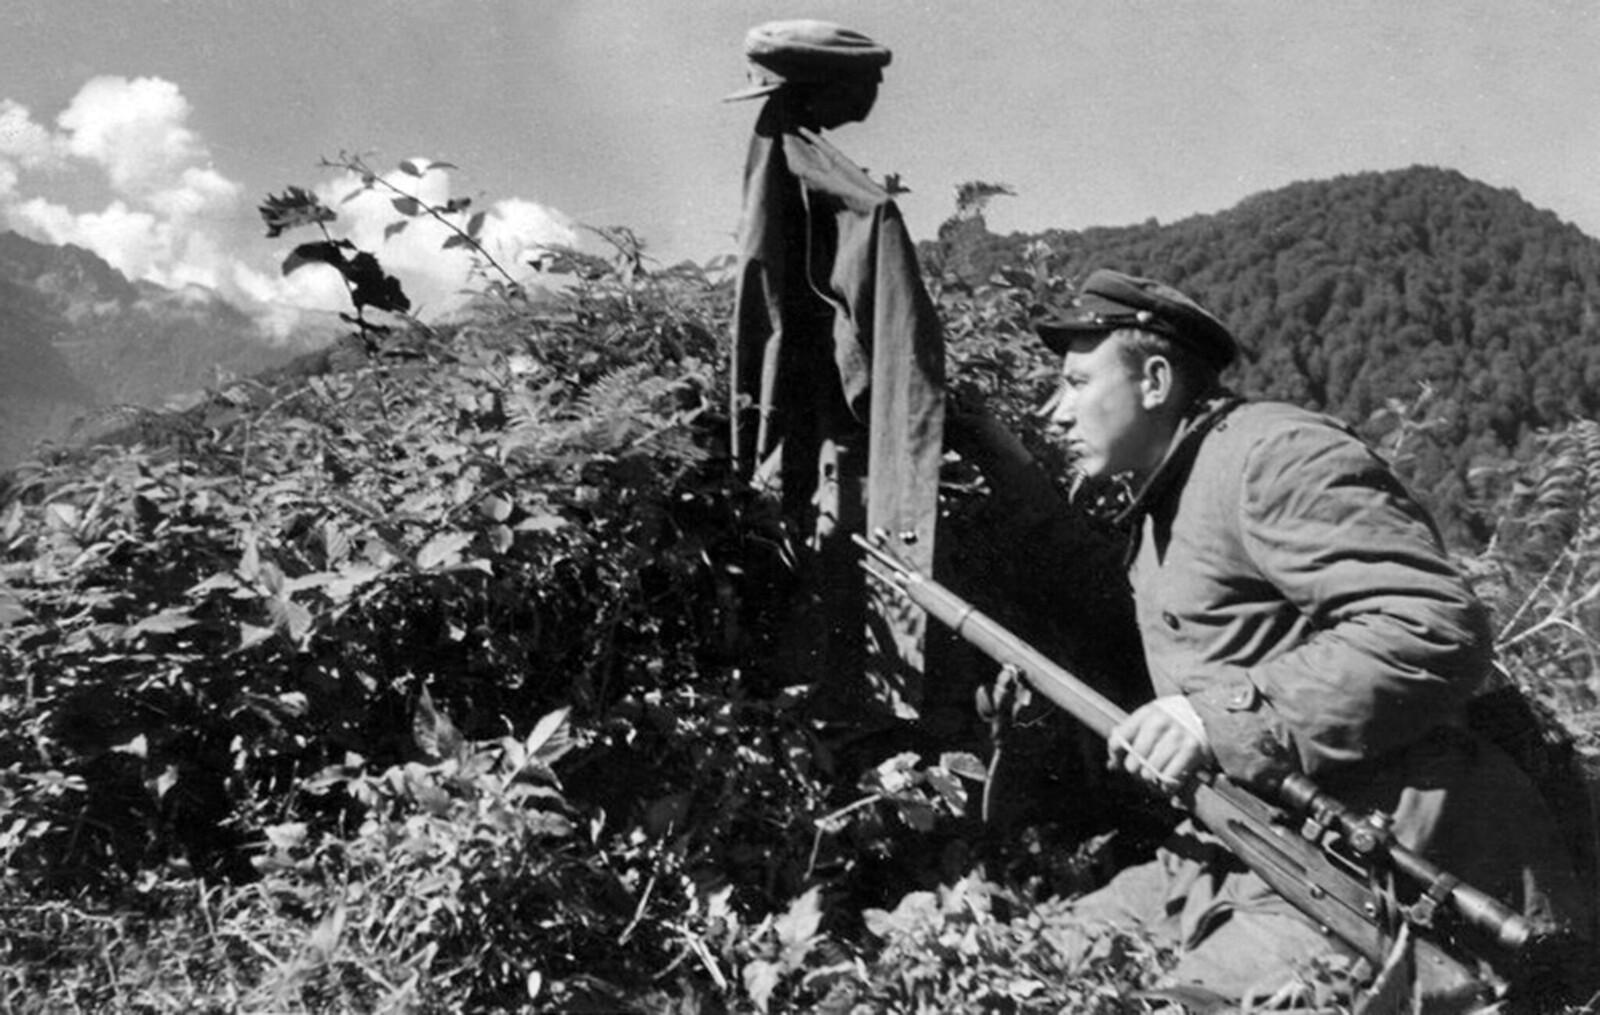 1942. Снайпер-пограничник т. Квит в горах Абхазии